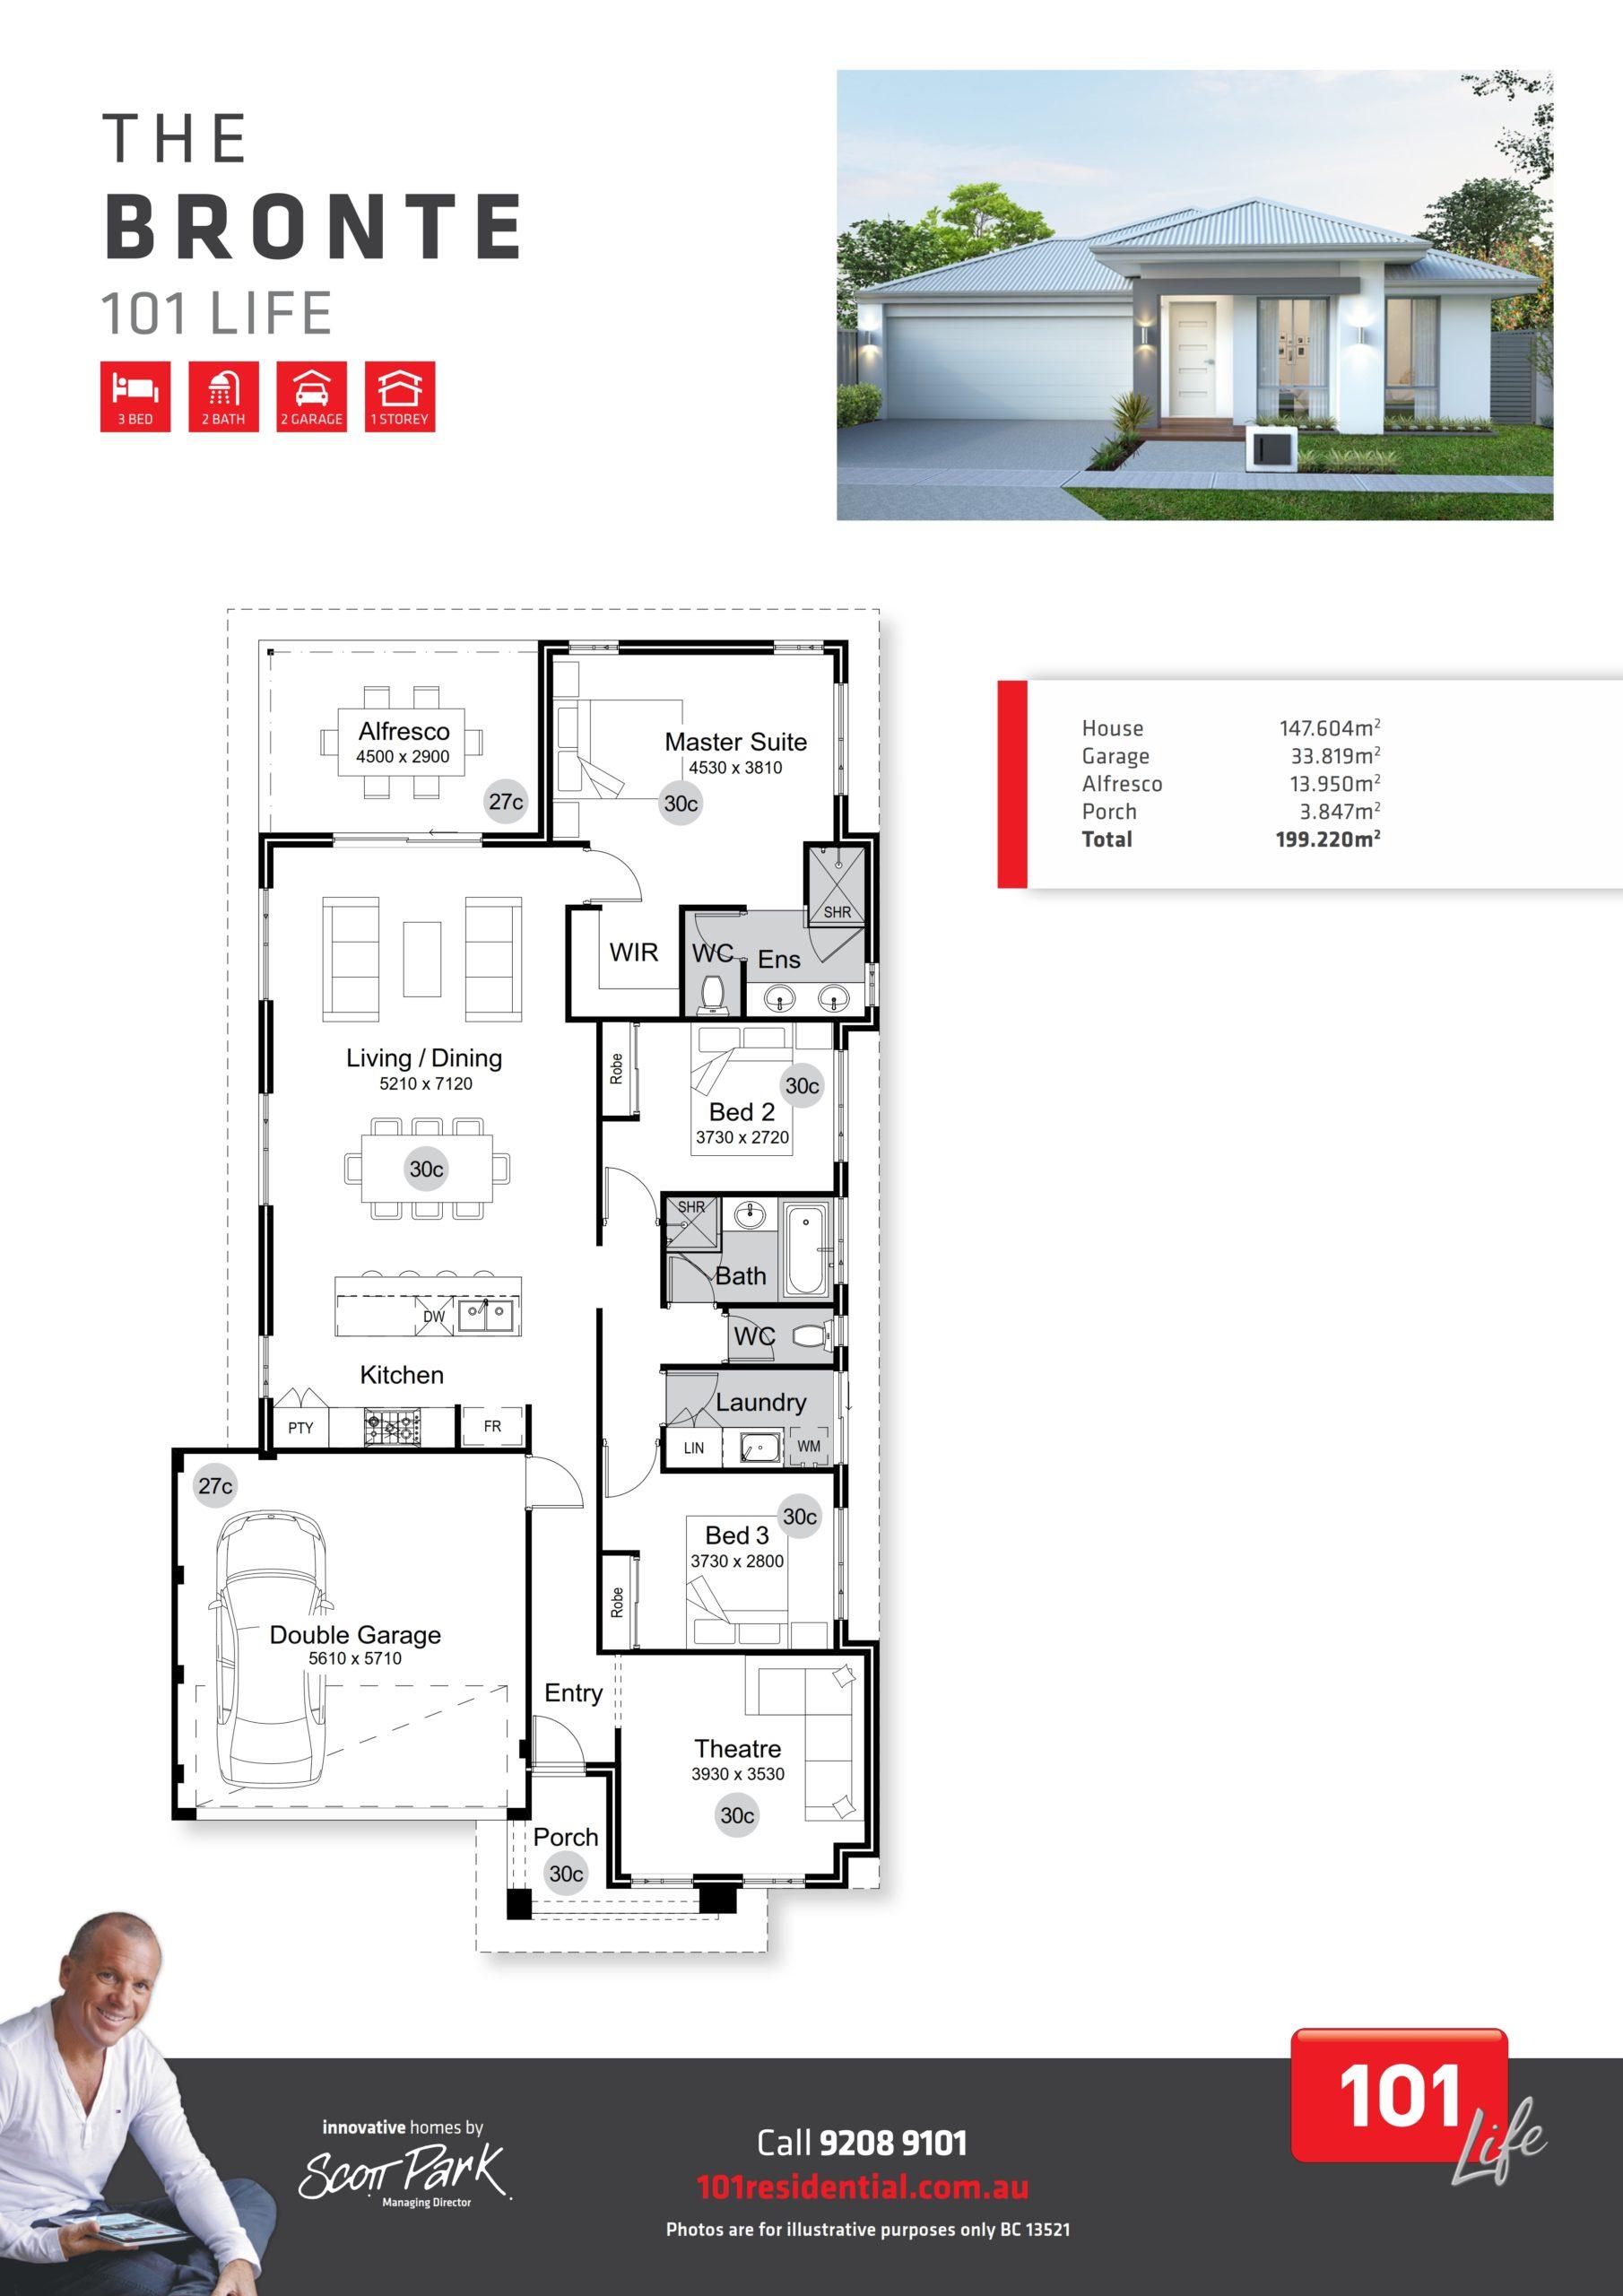 101 A3 Floor Plan - Bronte WEB_001